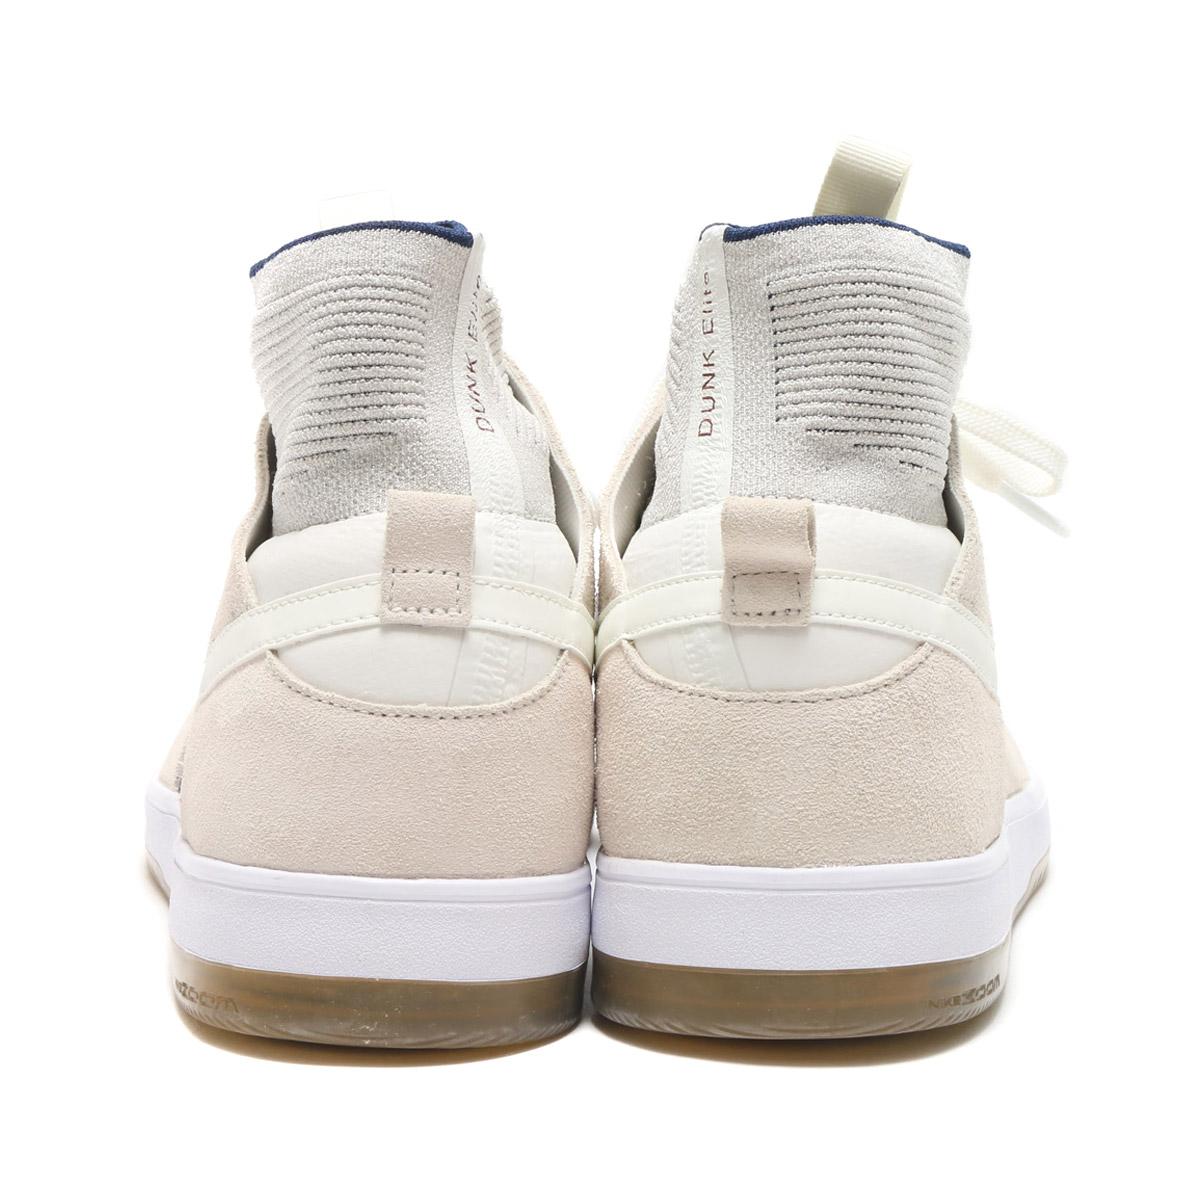 NIKE SB ZOOM DUNK HIGH ELITE (Nike Nike SB zoom dunk high elite)  (SAIL/SAIL-BINARY BLUE-DARK TEAM RED) 17FA-S